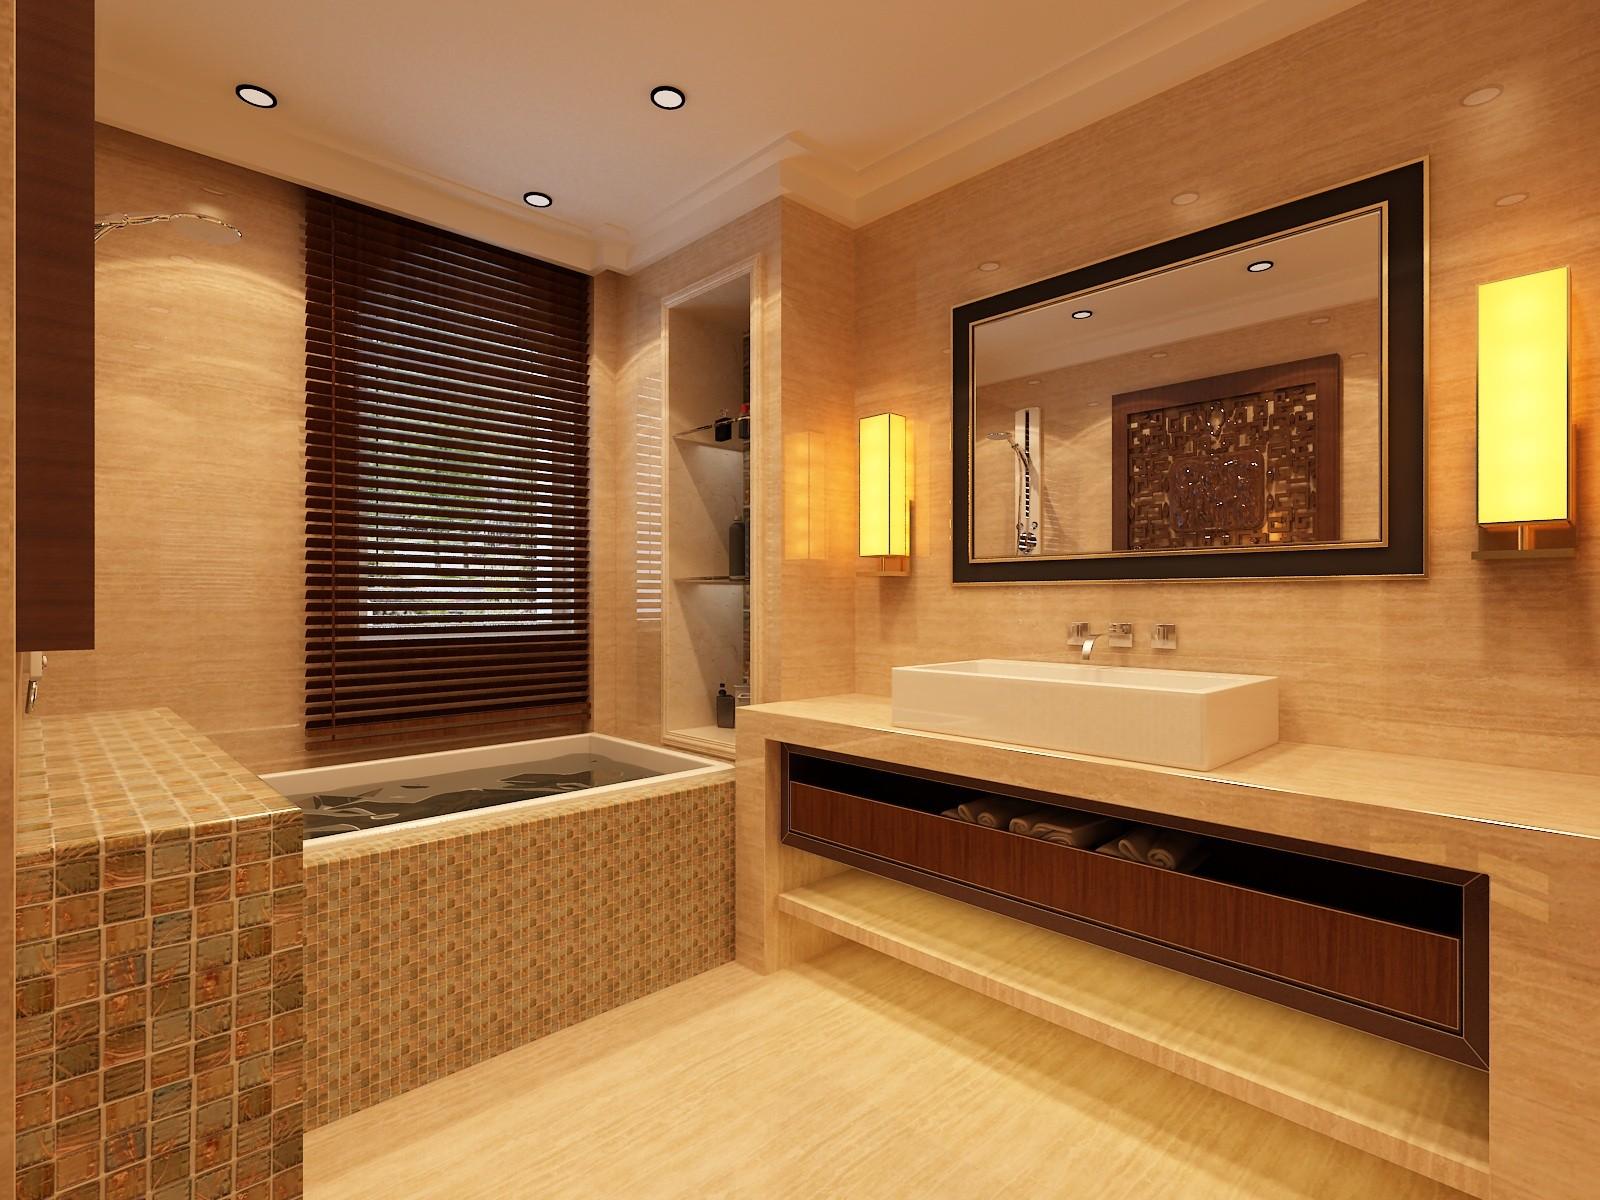 复式 中式 旧房改造 别墅 卫生间图片来自赵修杰在100平复式案例的分享